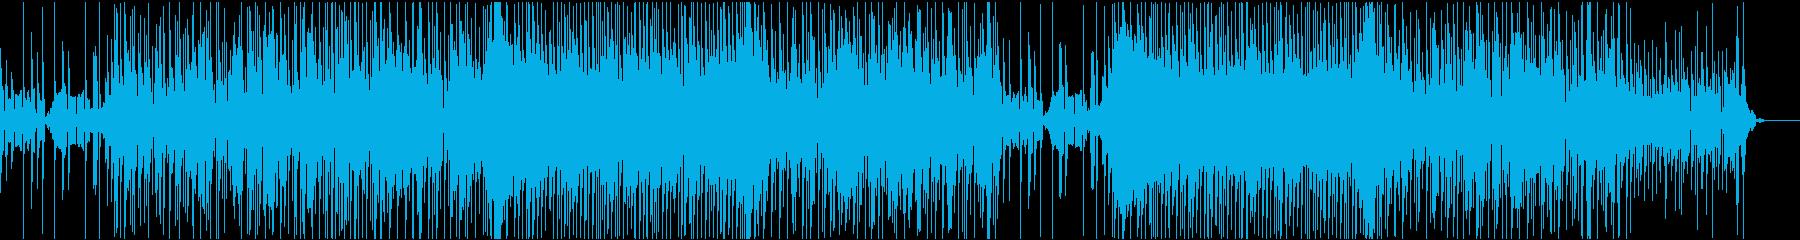 戦闘BGM ノれるファンクでバトルモードの再生済みの波形